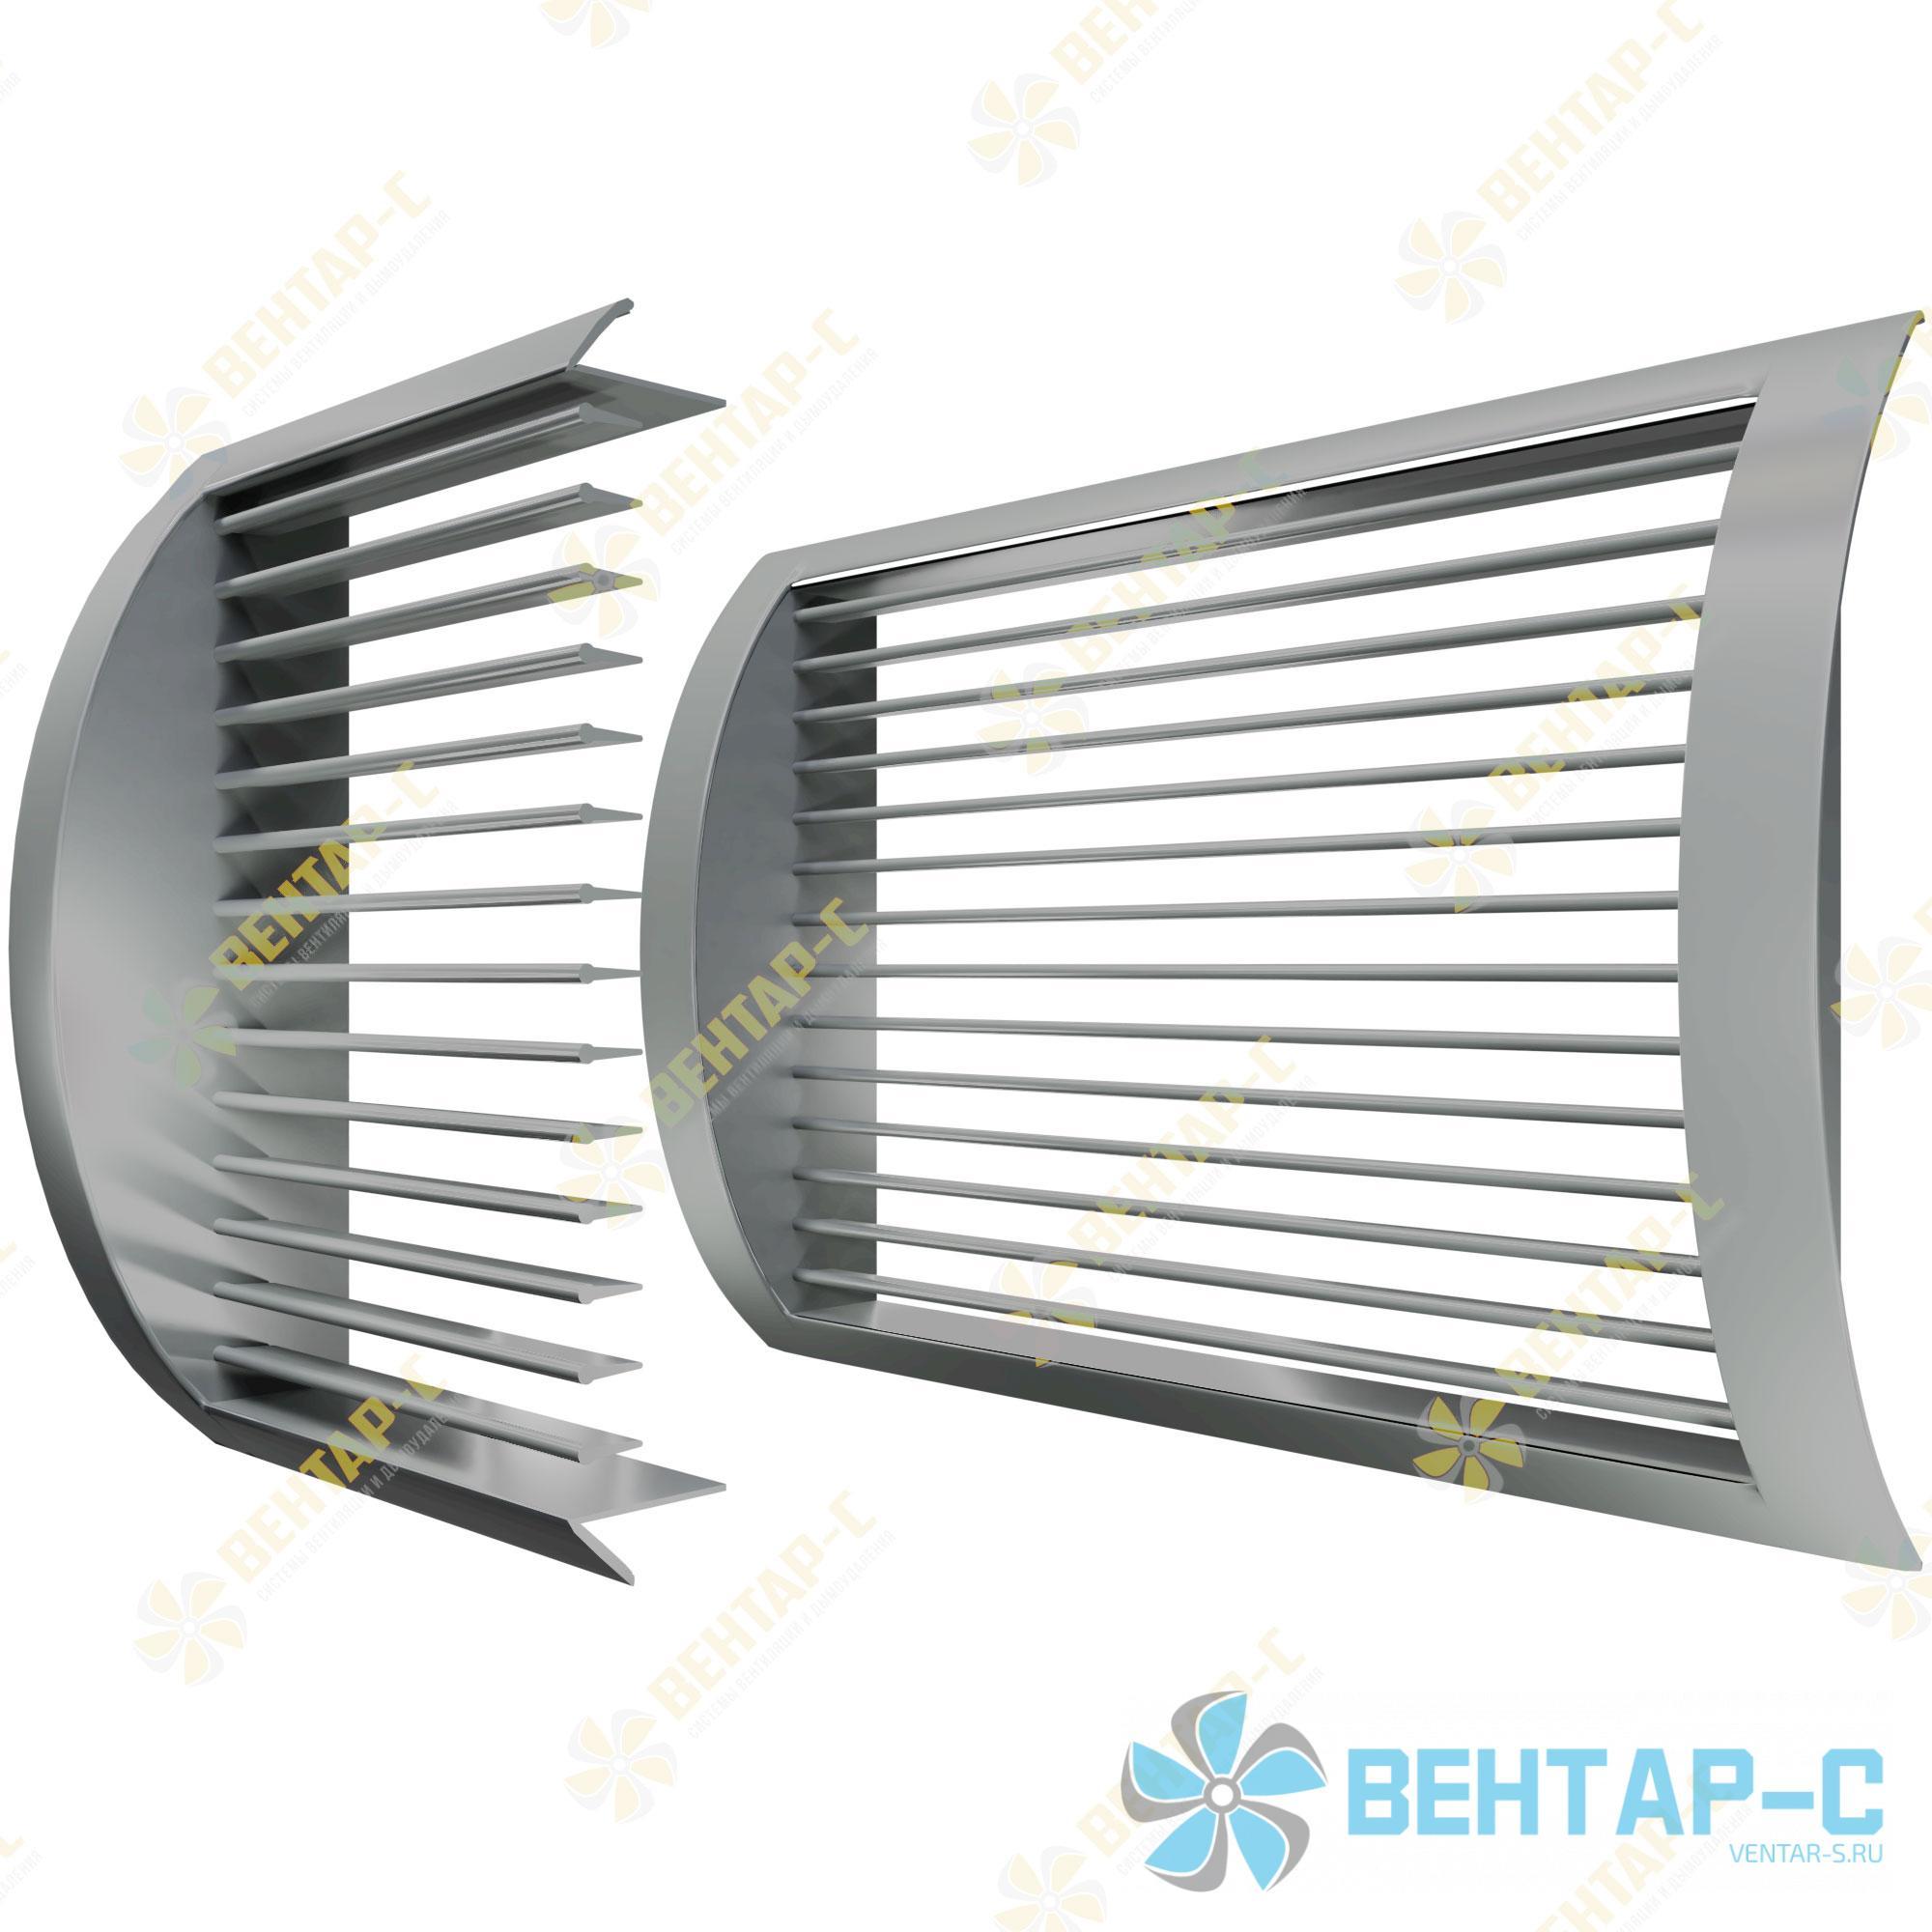 Цилиндрическая однорядная регулируемая вентиляционная решетка ОГРЦ